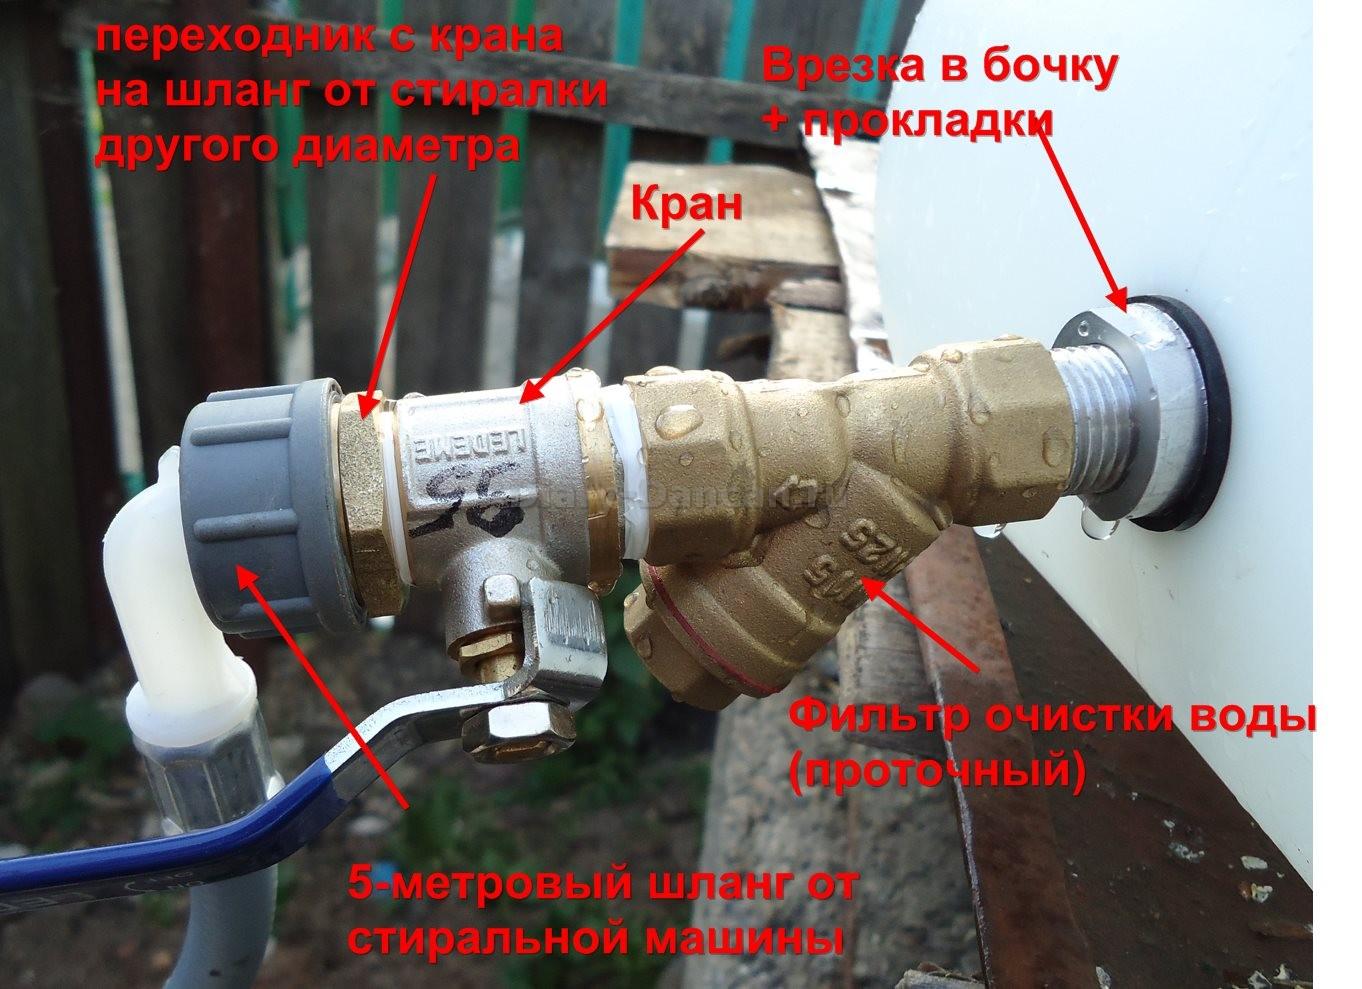 Кран для подключения стиральной машины к водопроводу. размеры резьбы 3/4